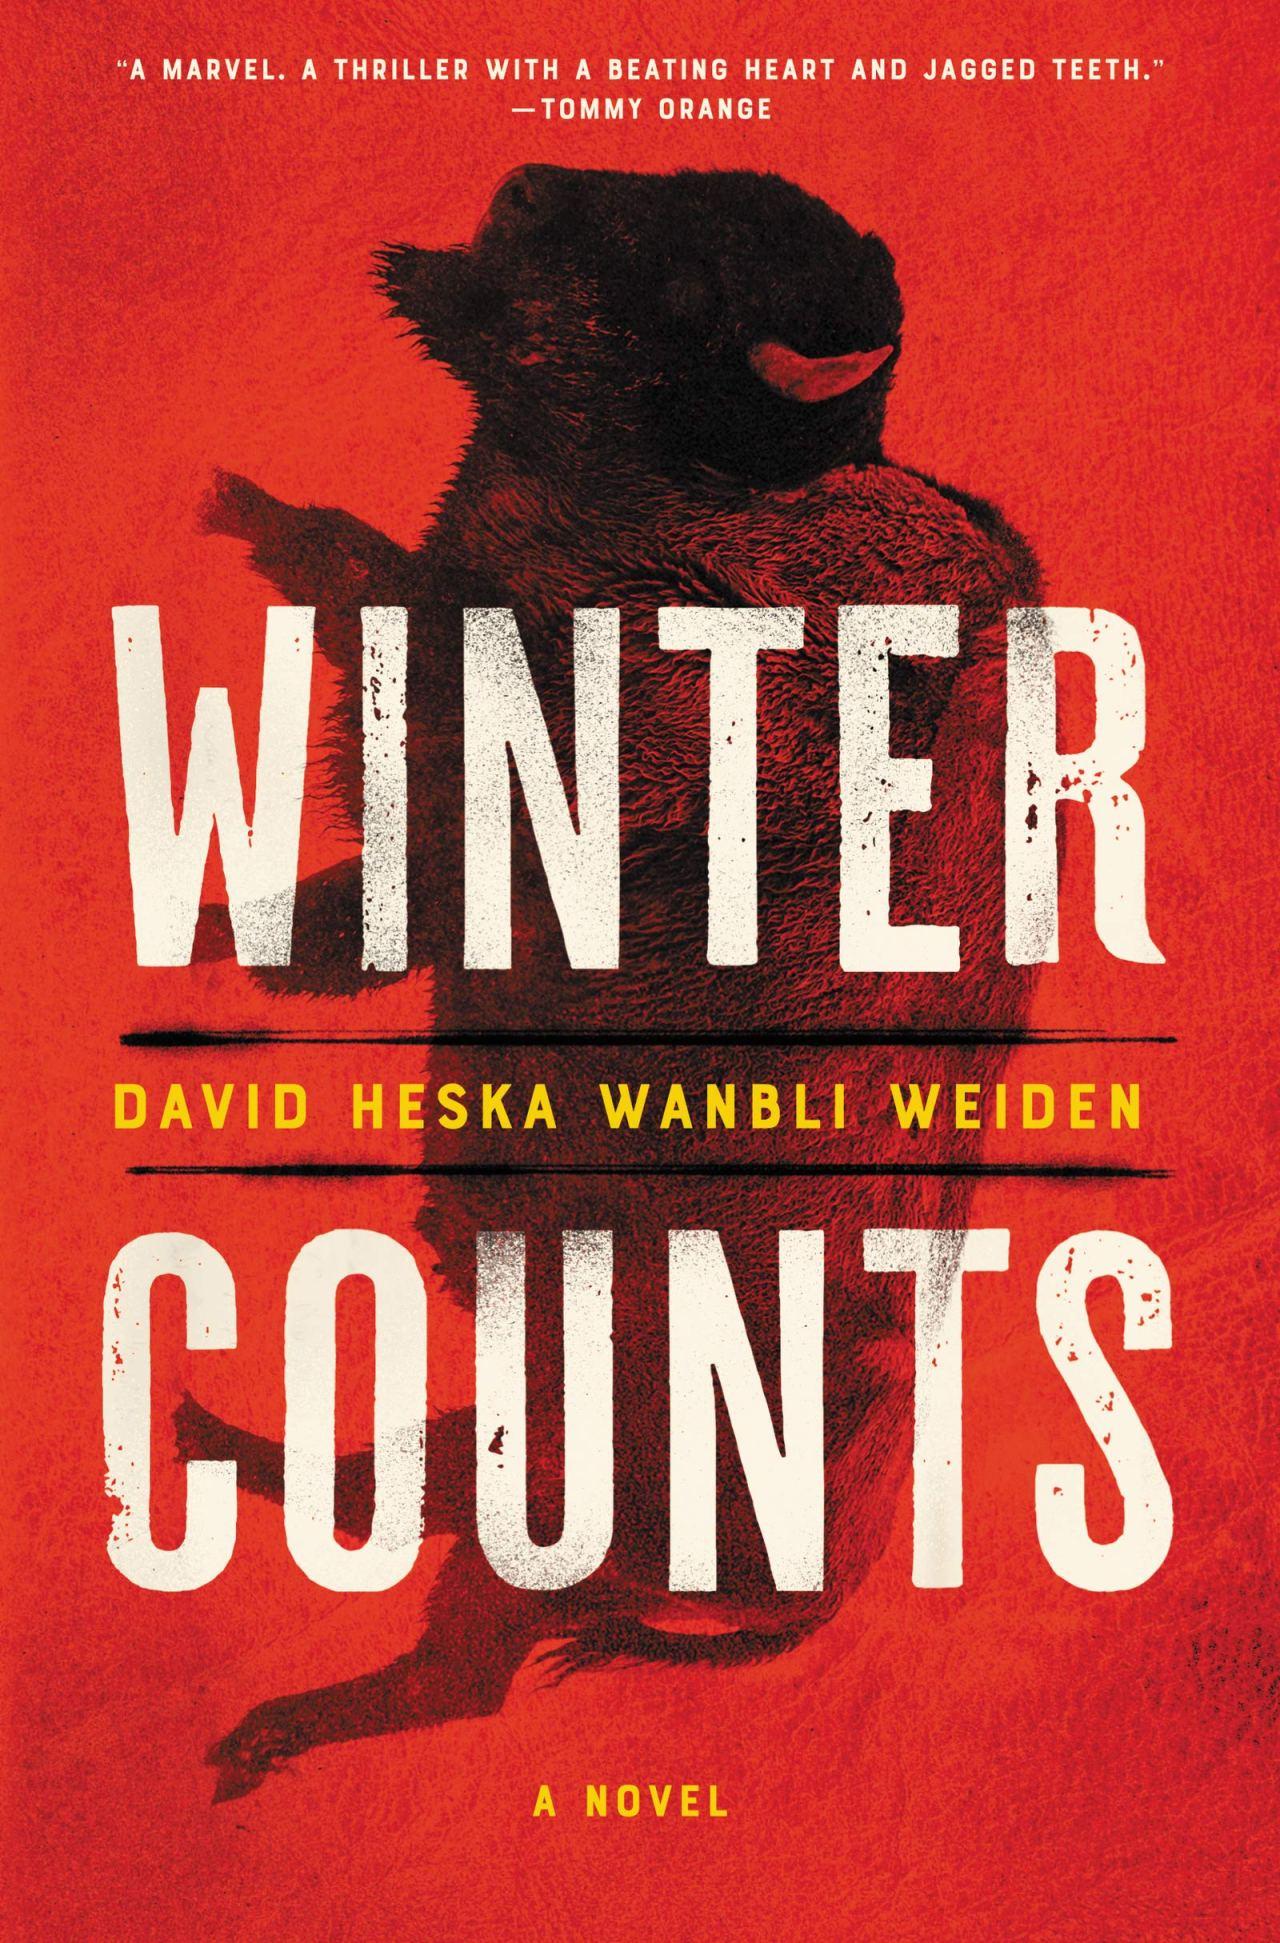 David Heska Wanbli Weiden: WinterCounts